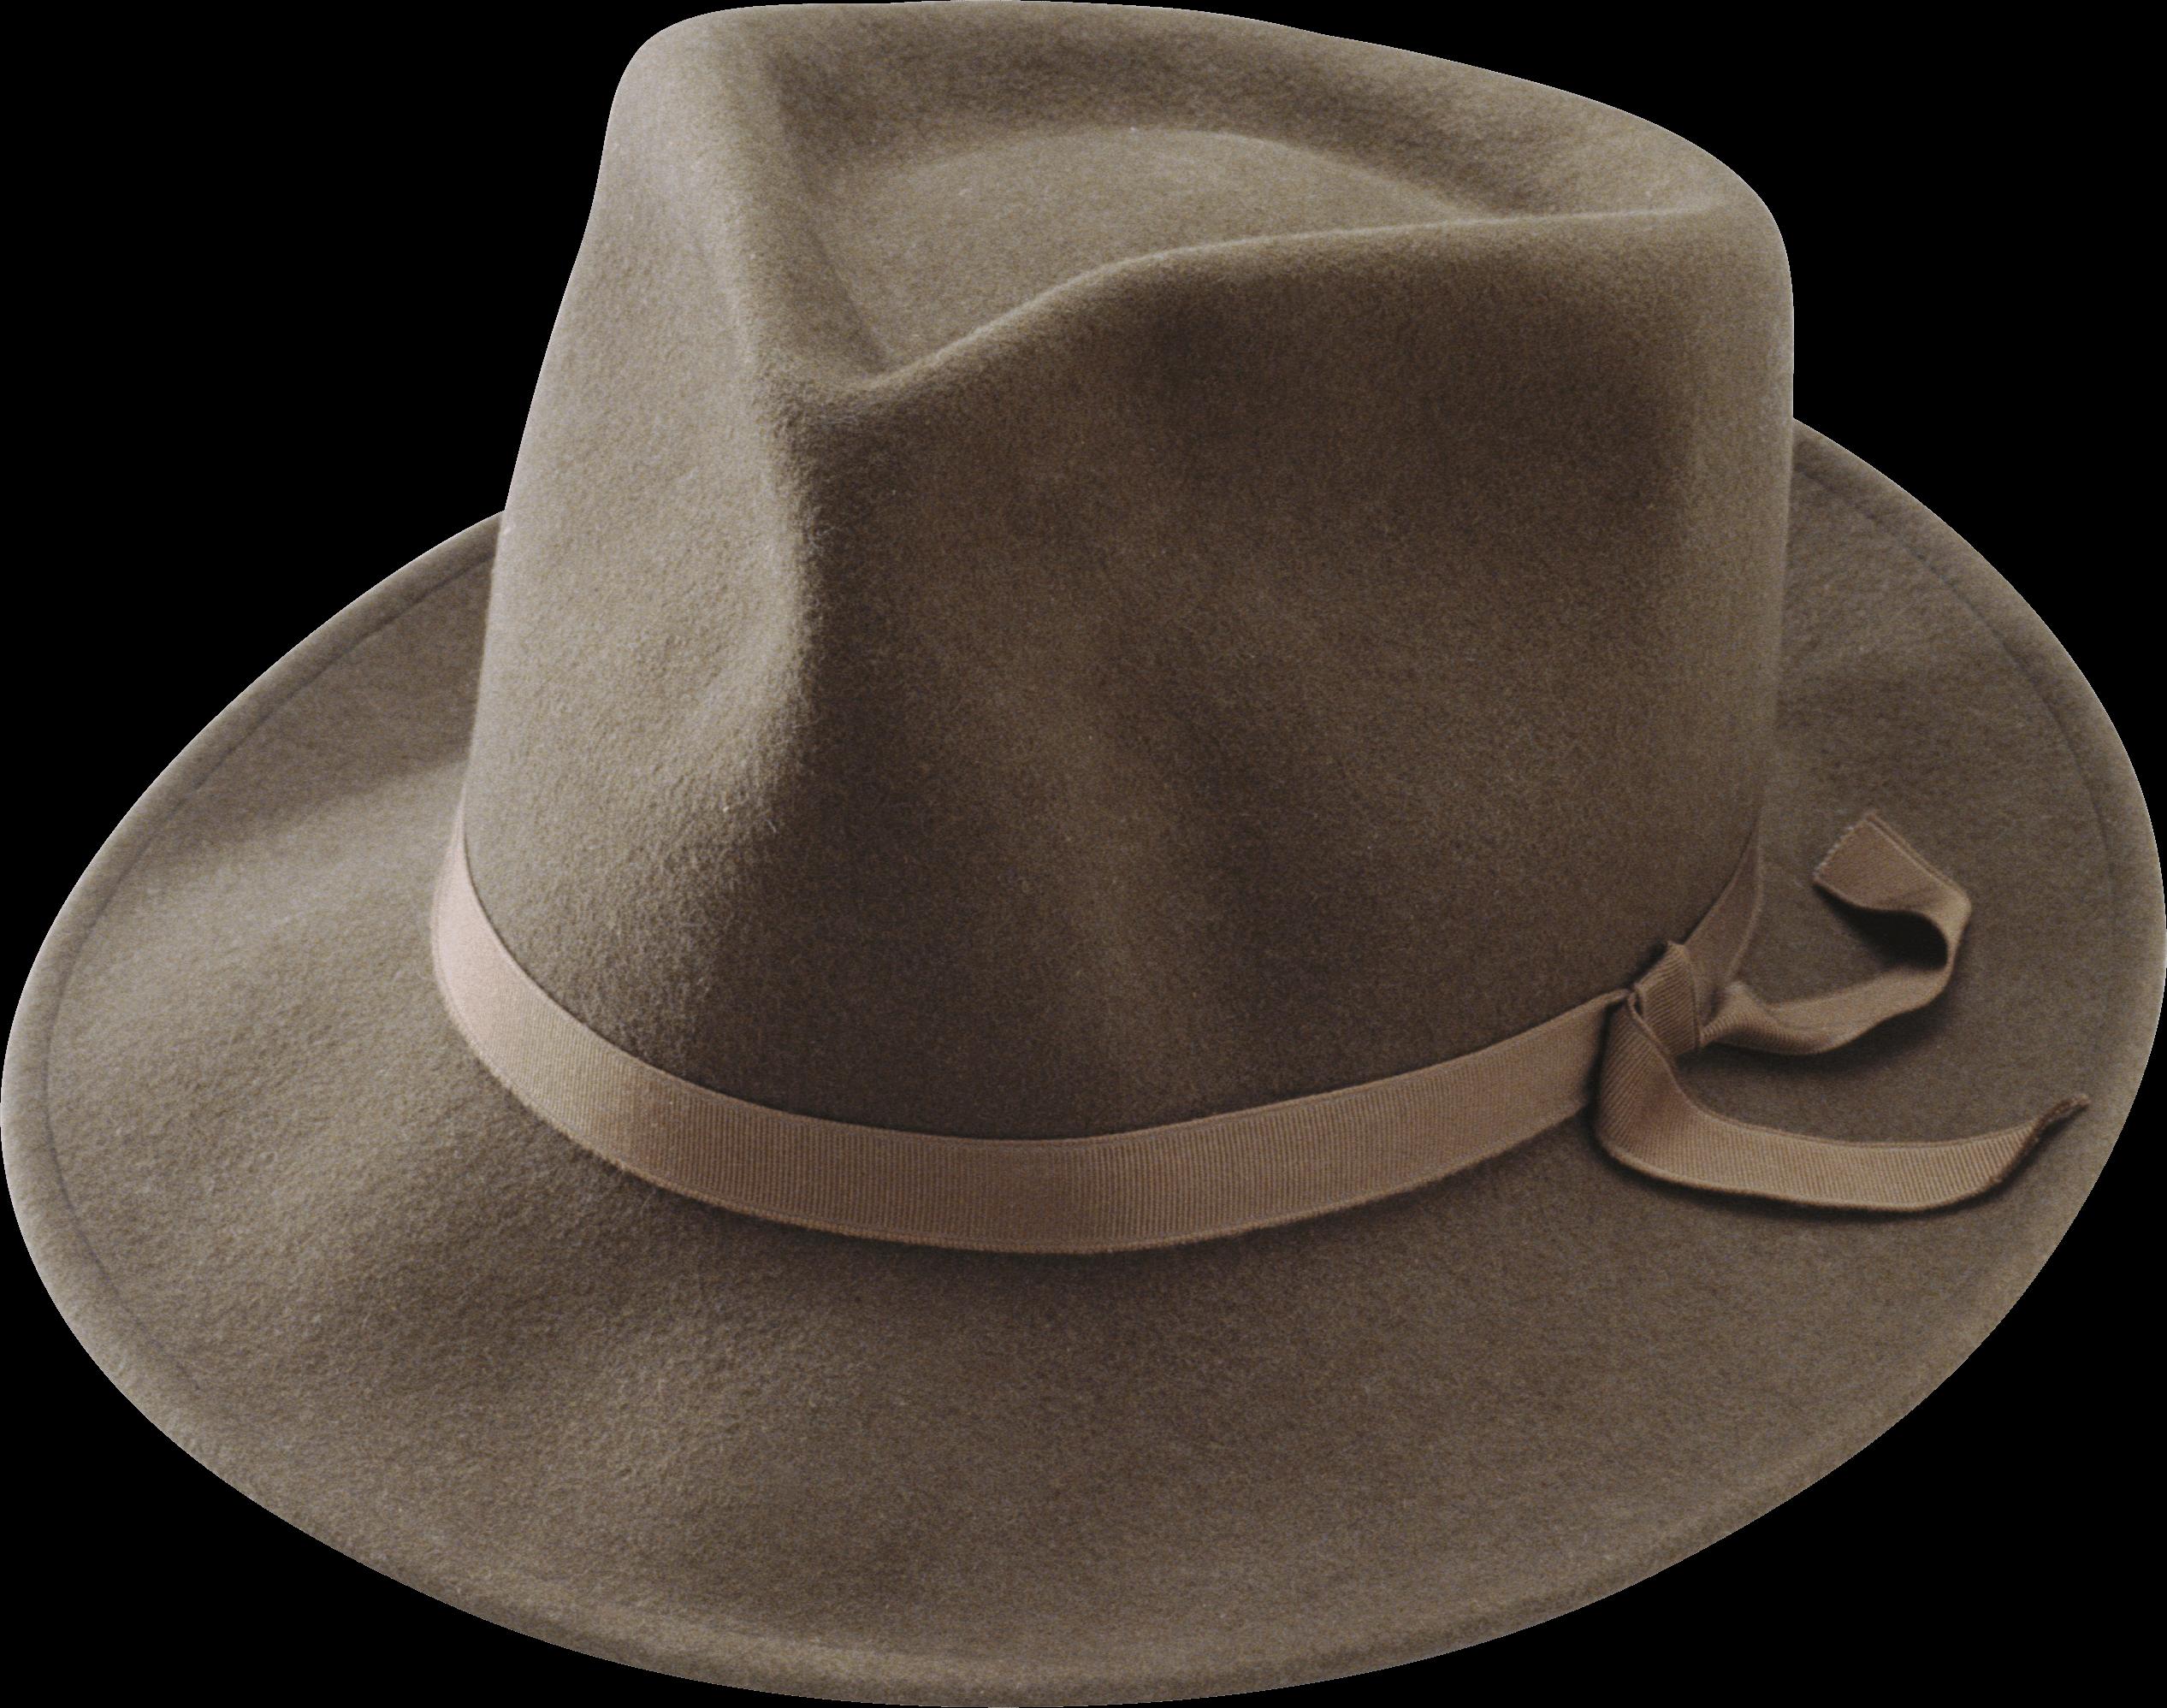 Lady Hat - Hat PNG